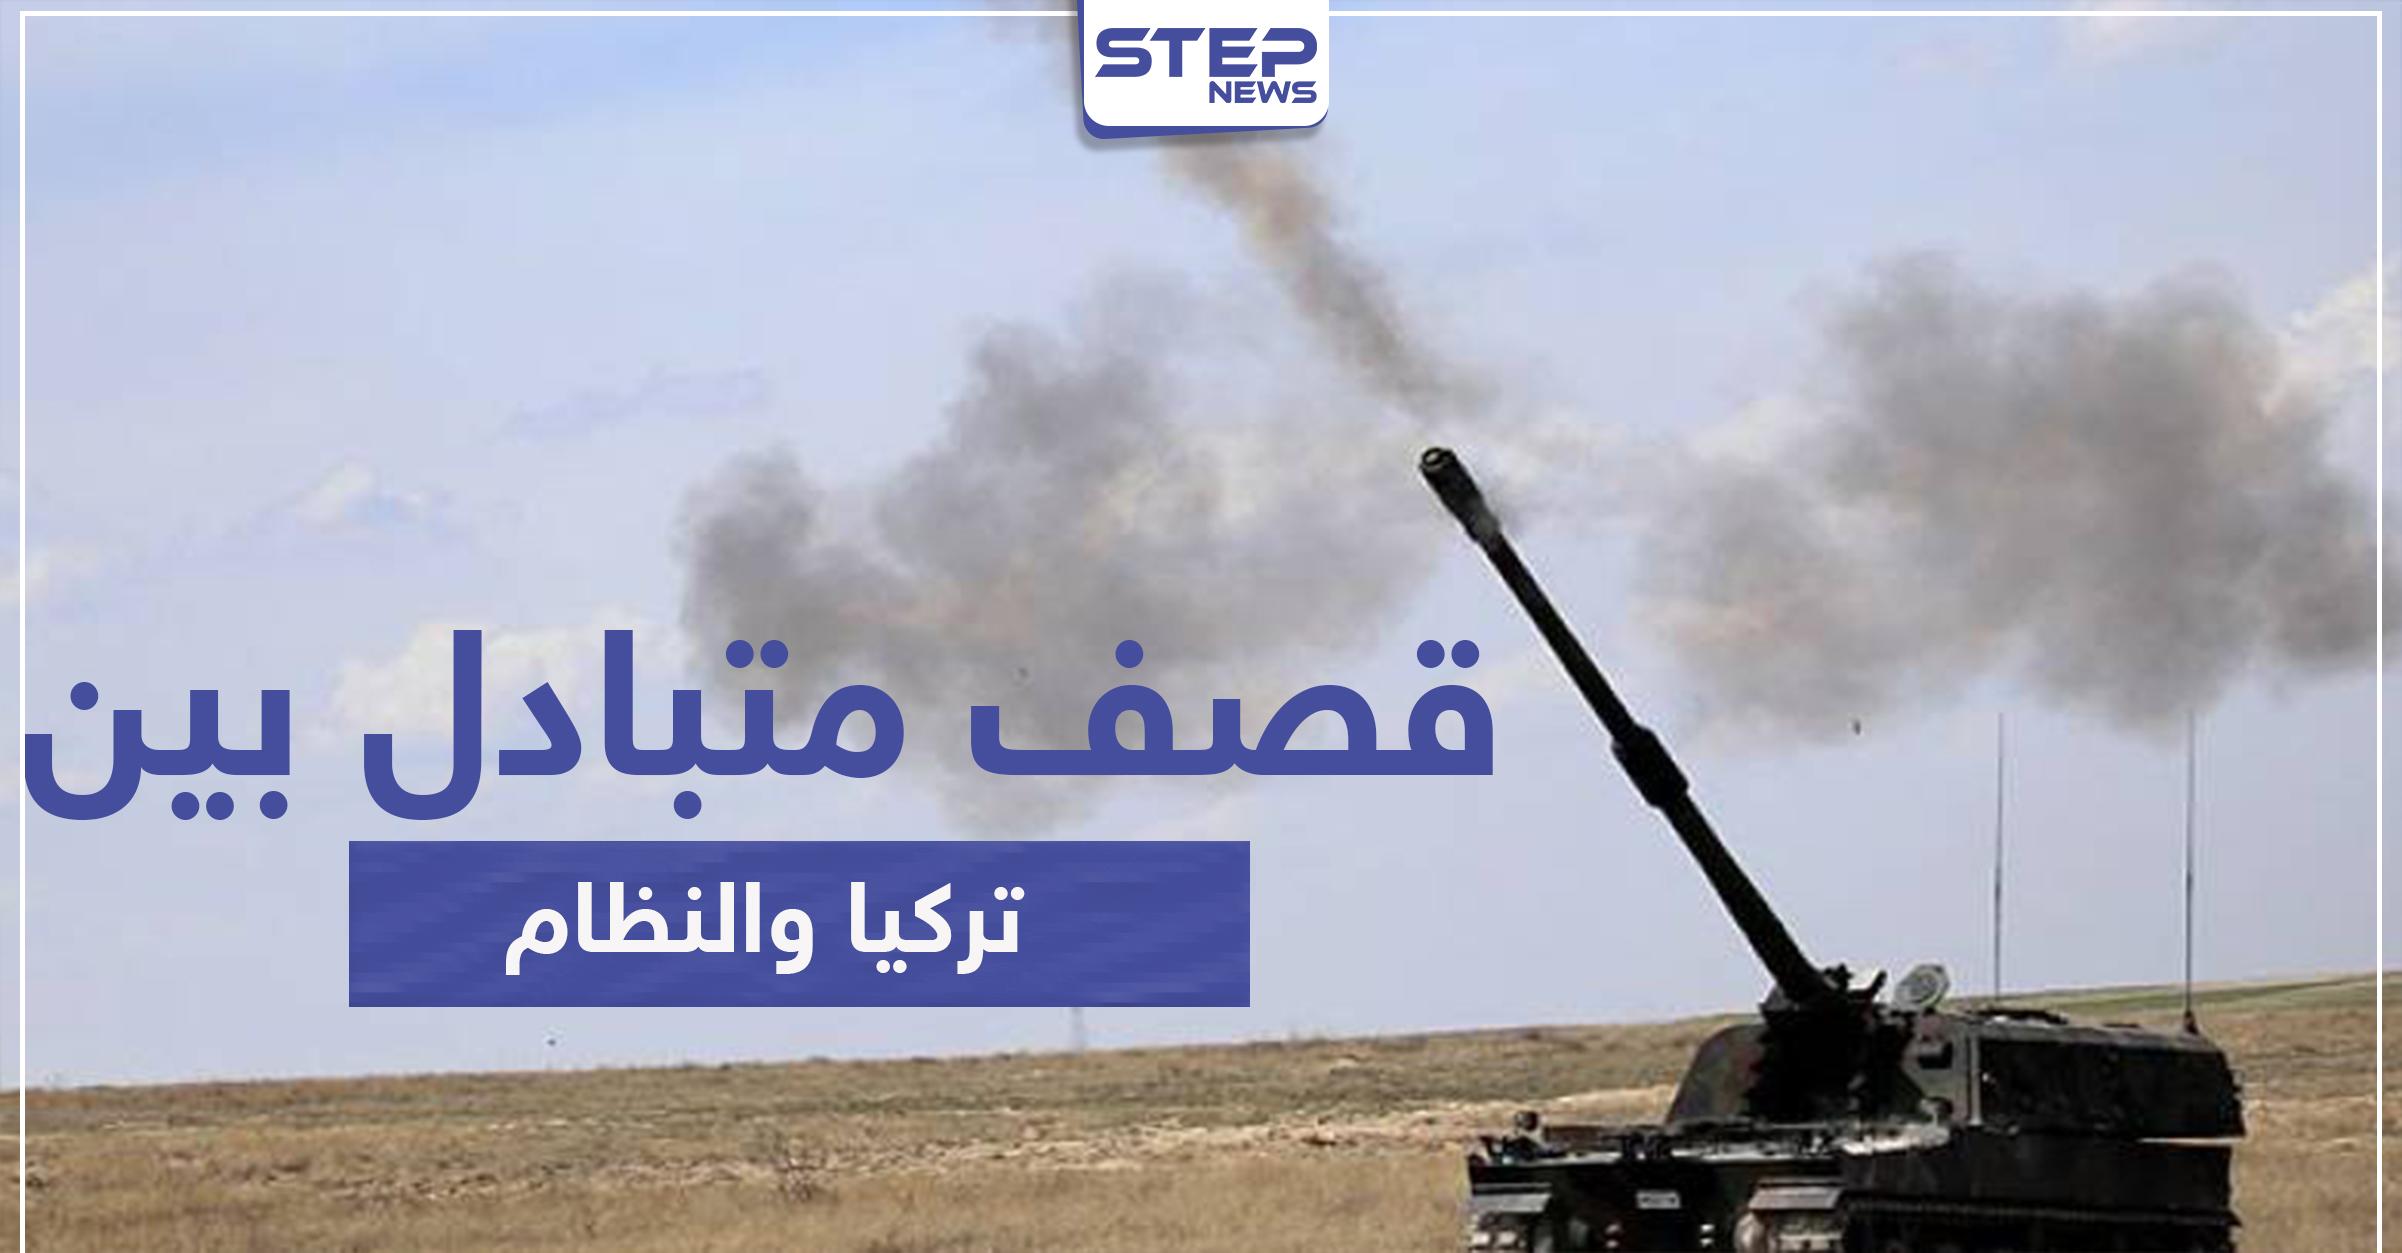 لأول مرّة منذ سريان هدنة إدلب.. تصعيد عسكري بين تركيا والنظام السوري وقلق أممي